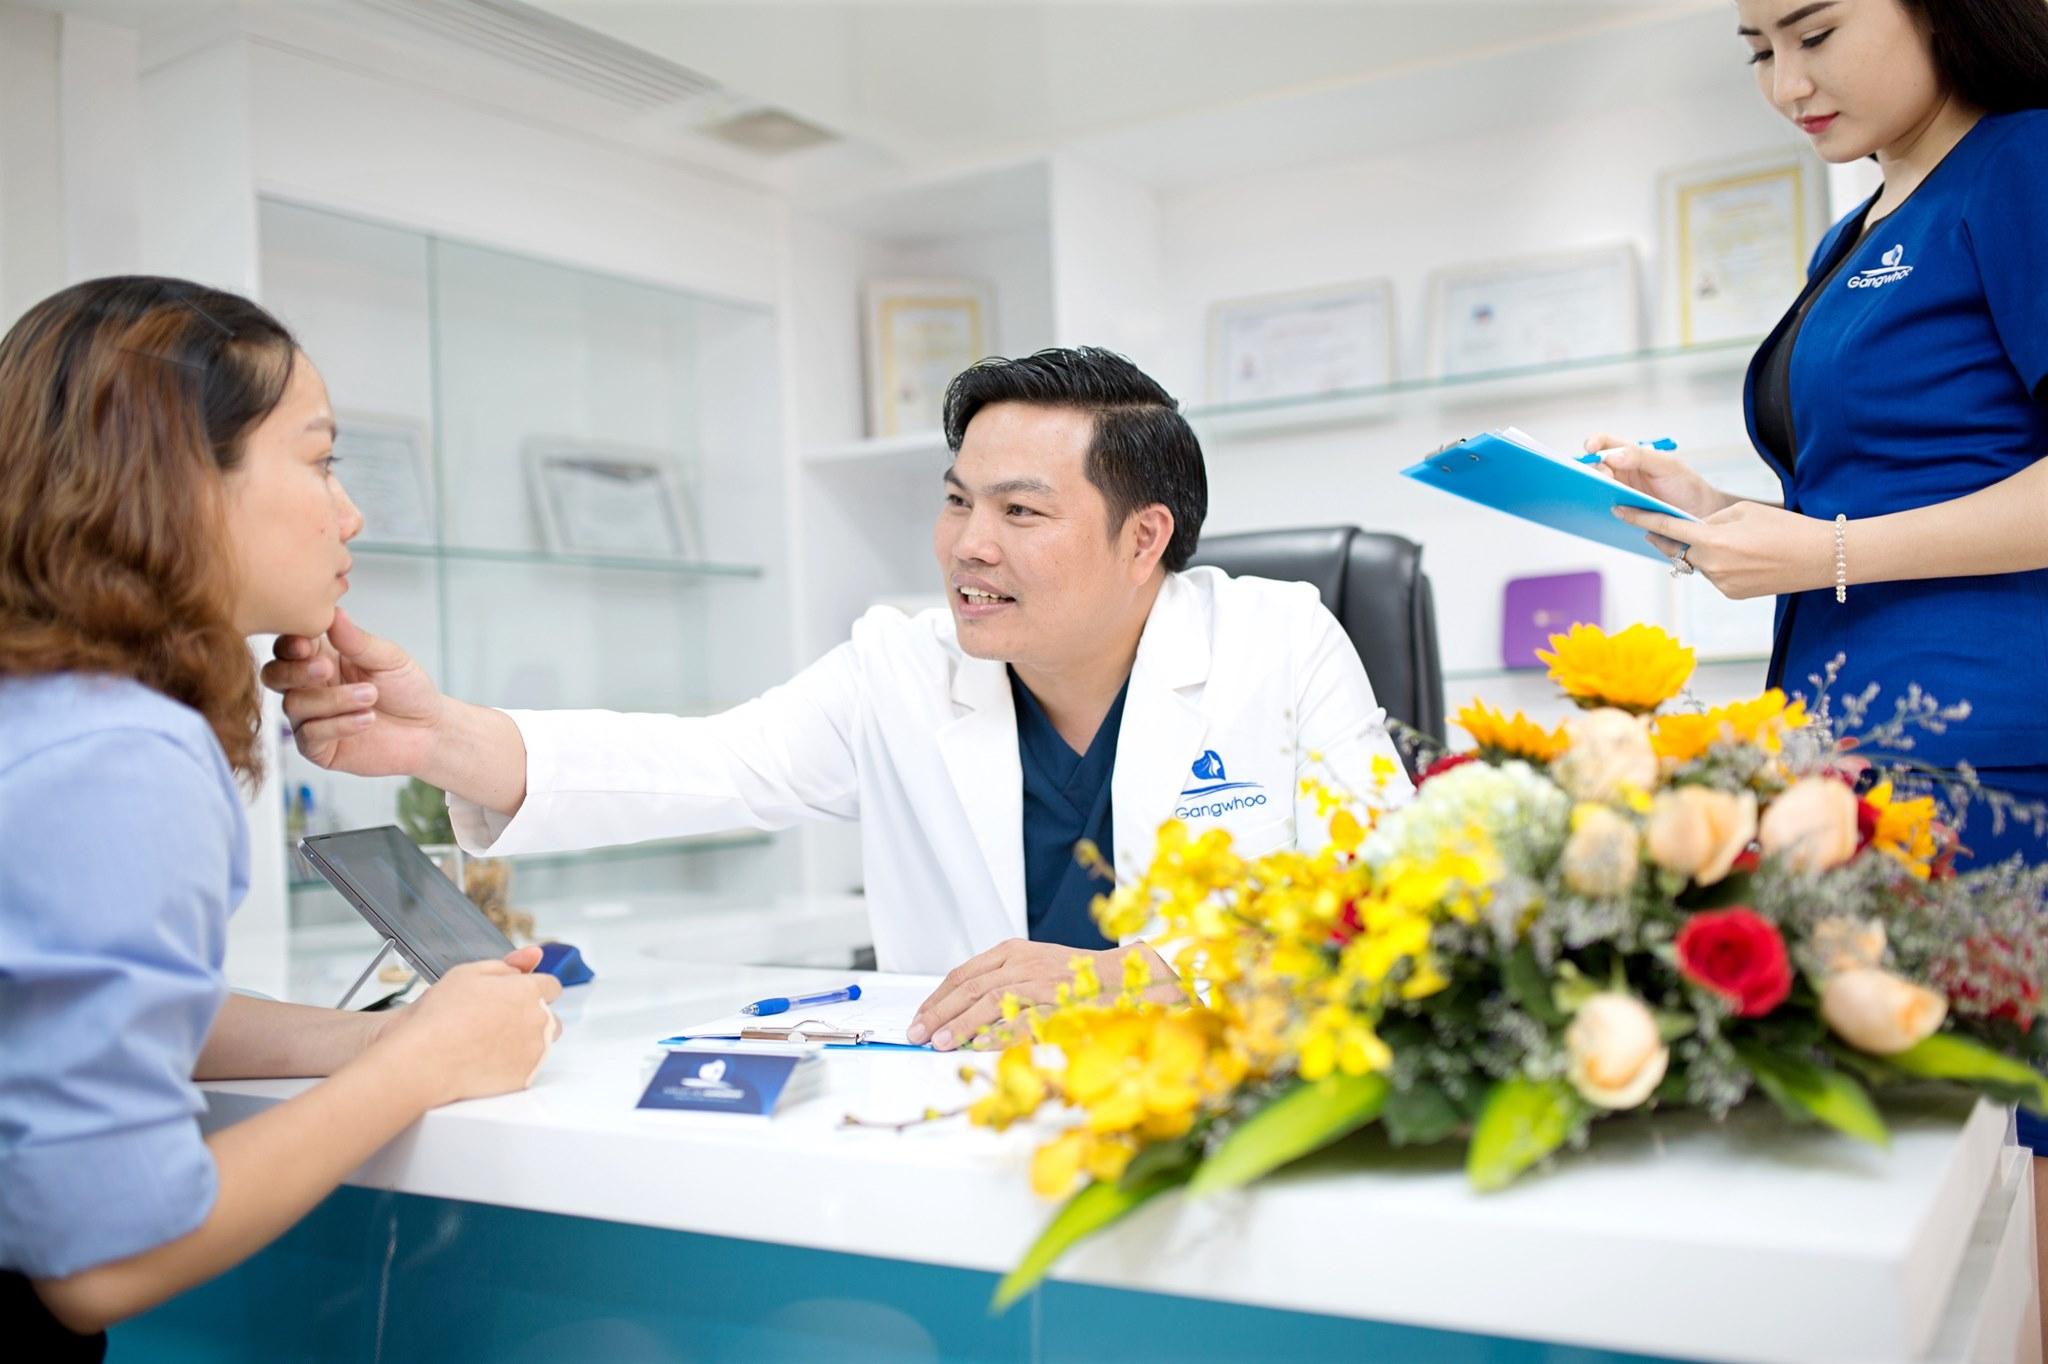 Bác sĩ sửa mũi hỏng giỏi cho Việt Kiều ở Việt Nam